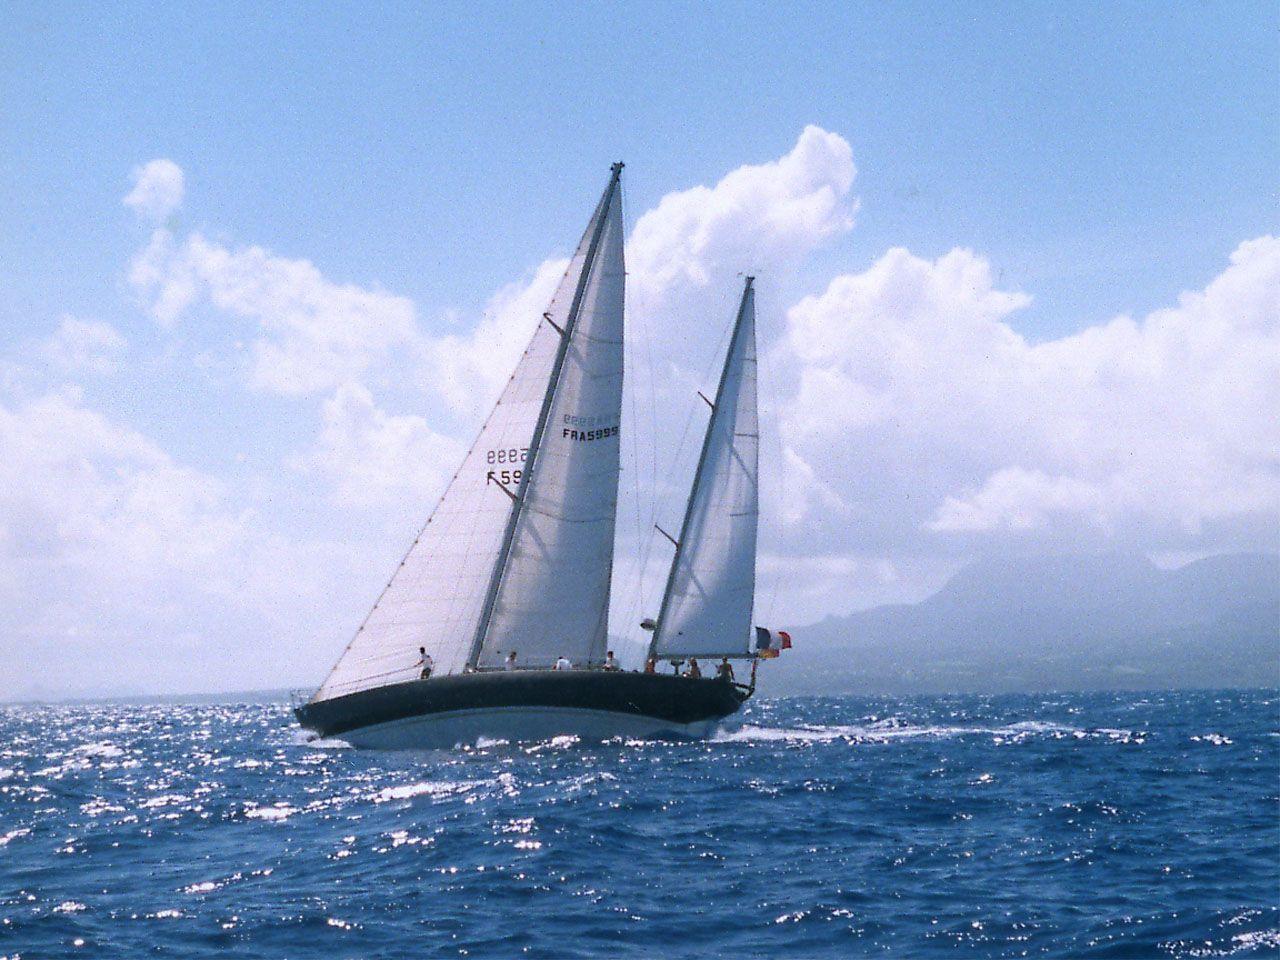 Transat 1999 Sur Pen Duick Vi Bateau A Voiles Yacht Voilier